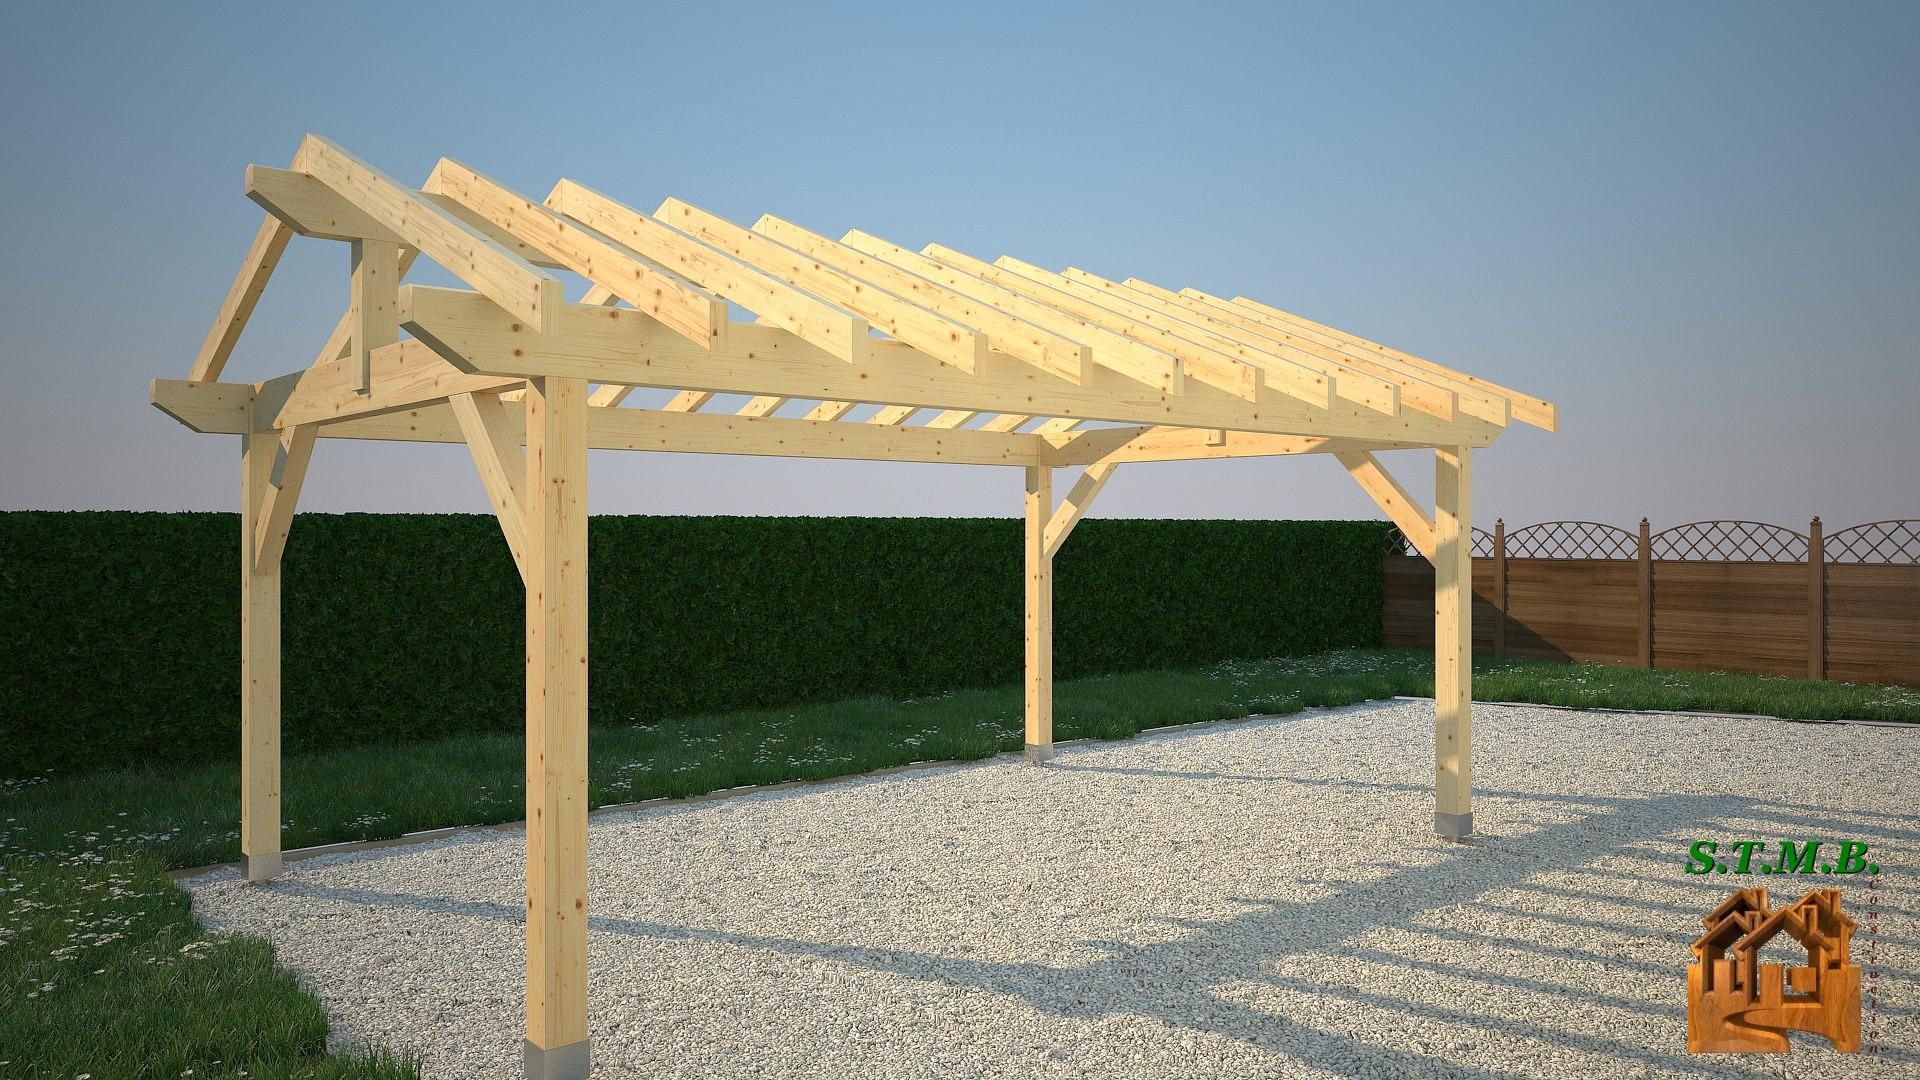 am nager sa construction en bois pour les c l brations. Black Bedroom Furniture Sets. Home Design Ideas